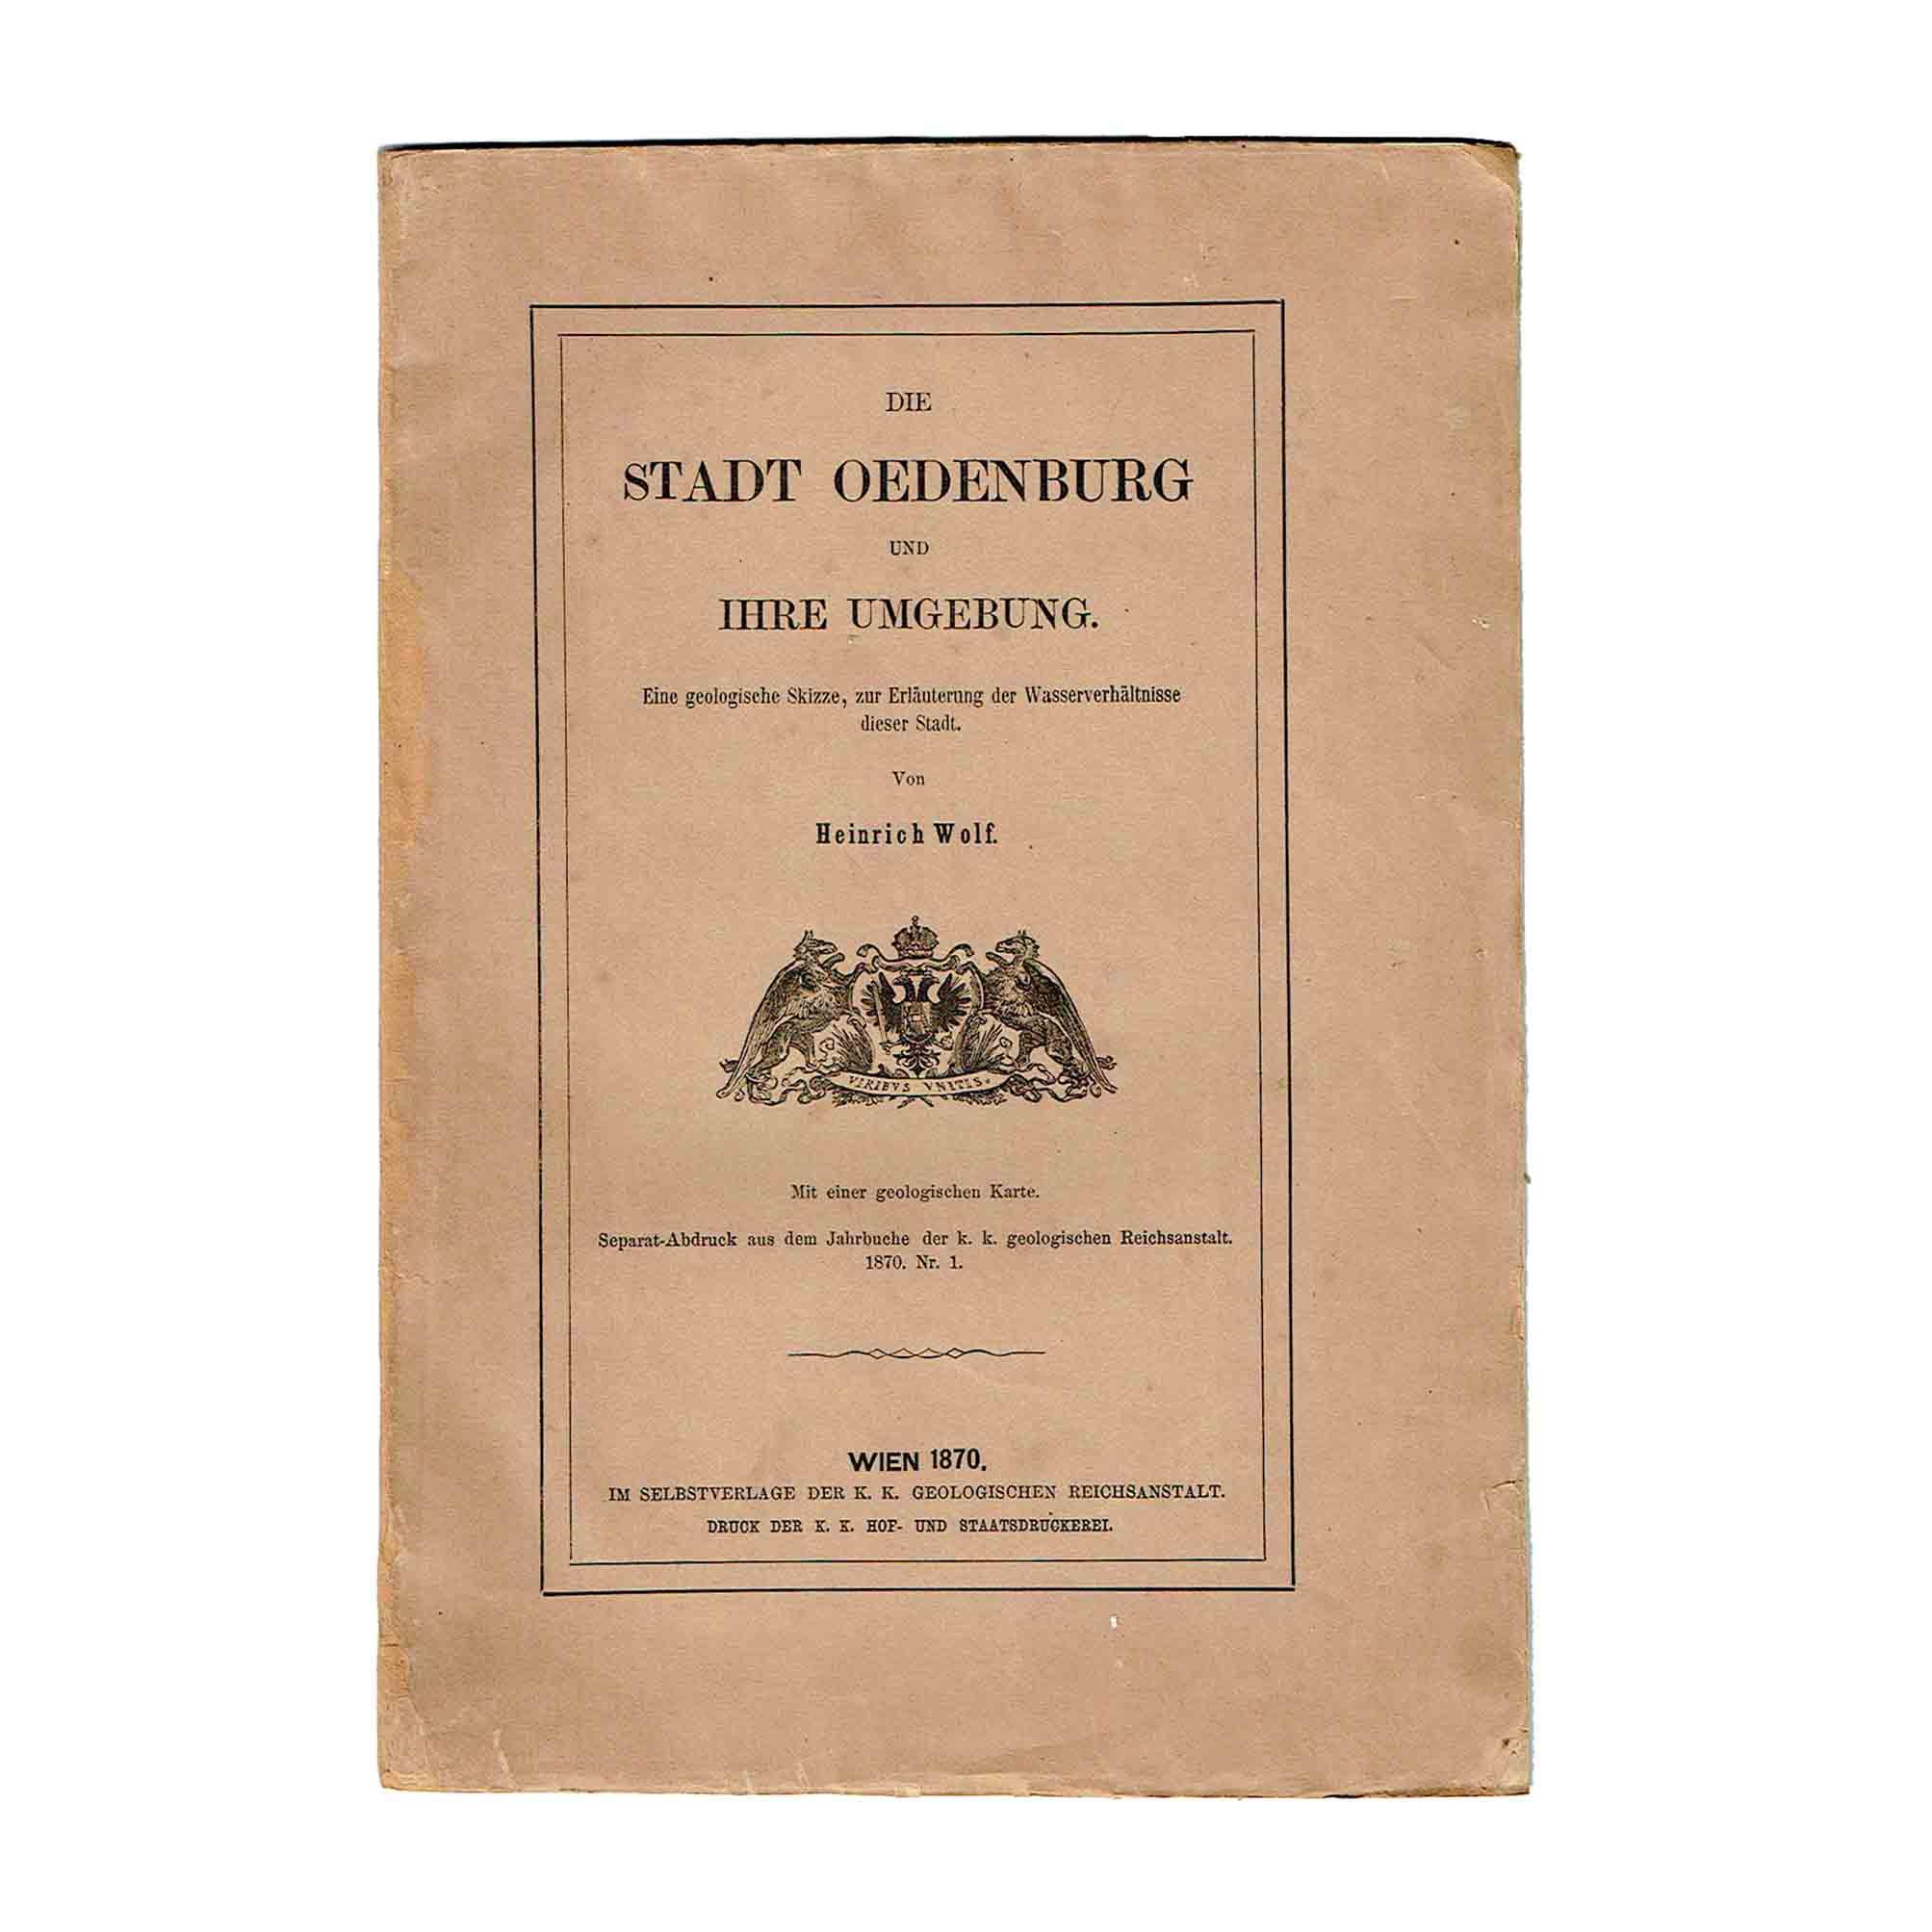 5860-Wolf-Oedenburg-1870-Umschlag-frei-N.jpeg